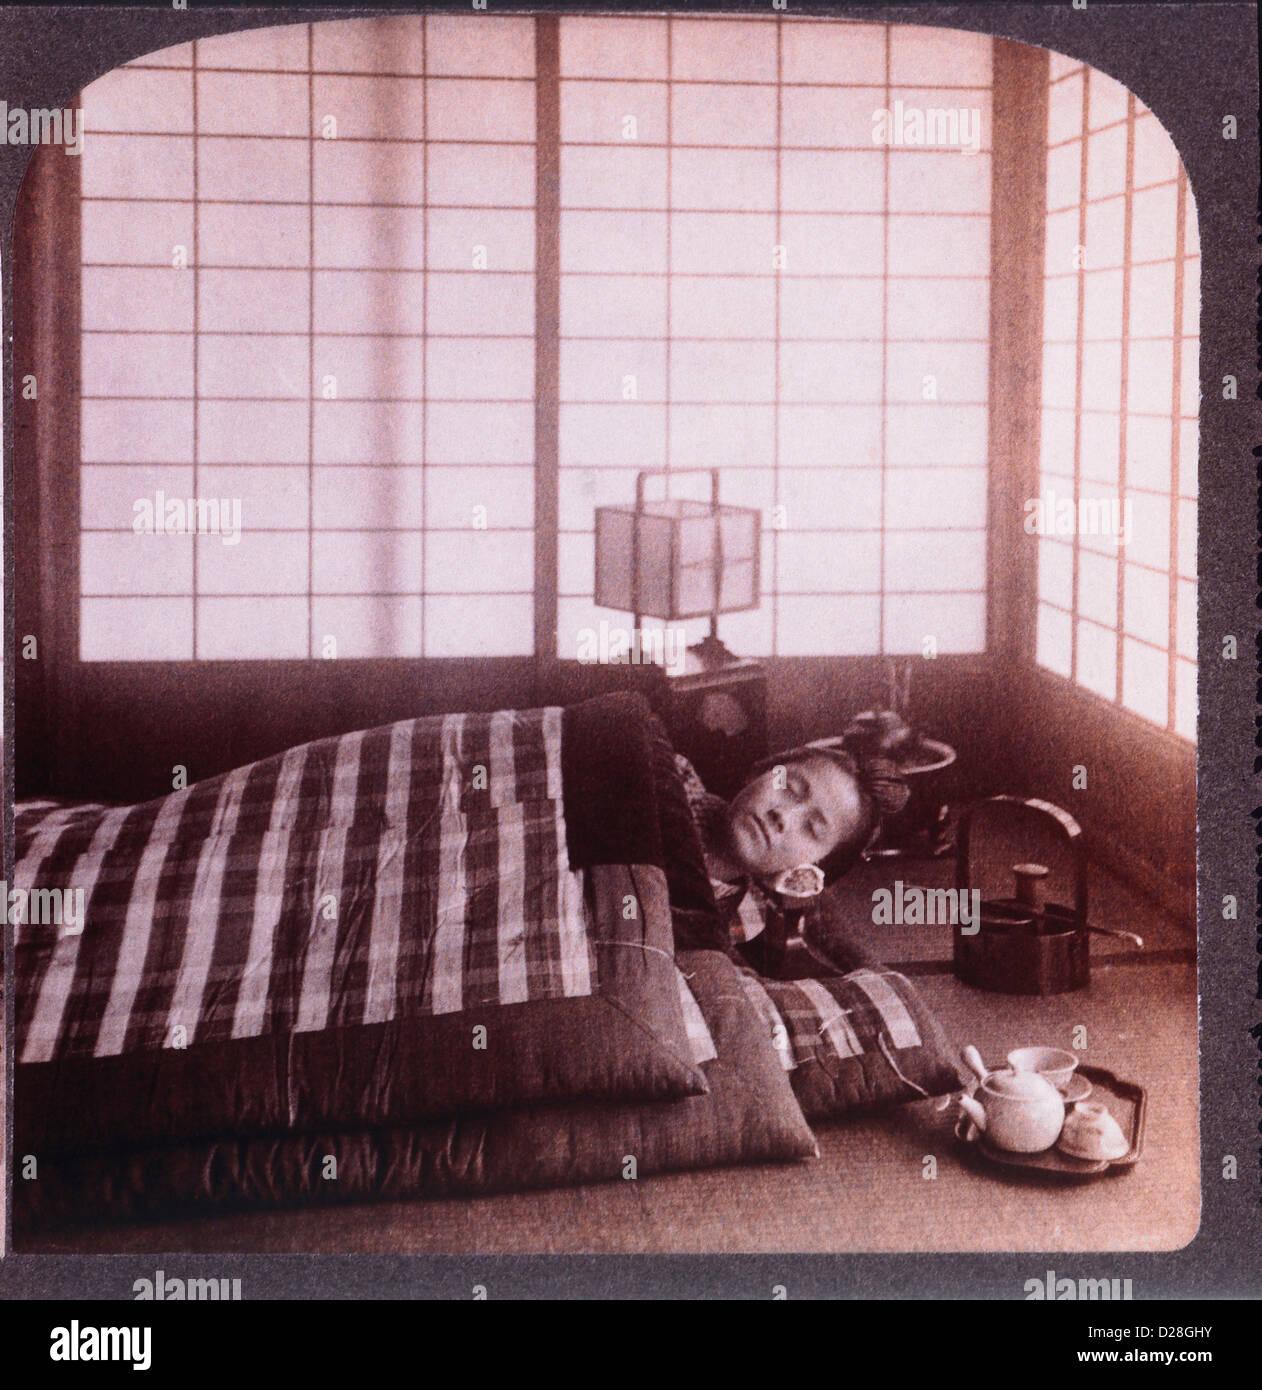 Jeune femme Dormir entre les futons, Stéréo, 1904 Photographie Photo Stock